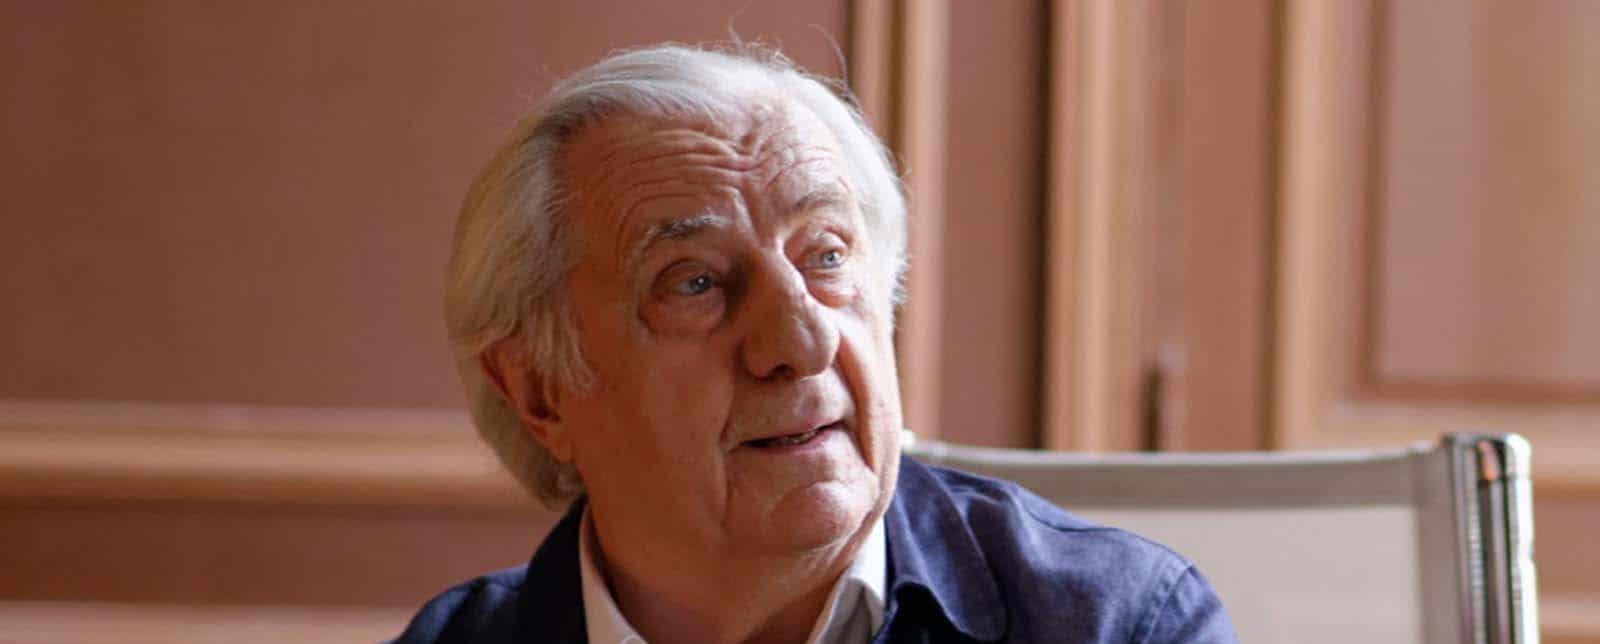 Michel Aumont dans Moi et Le Che